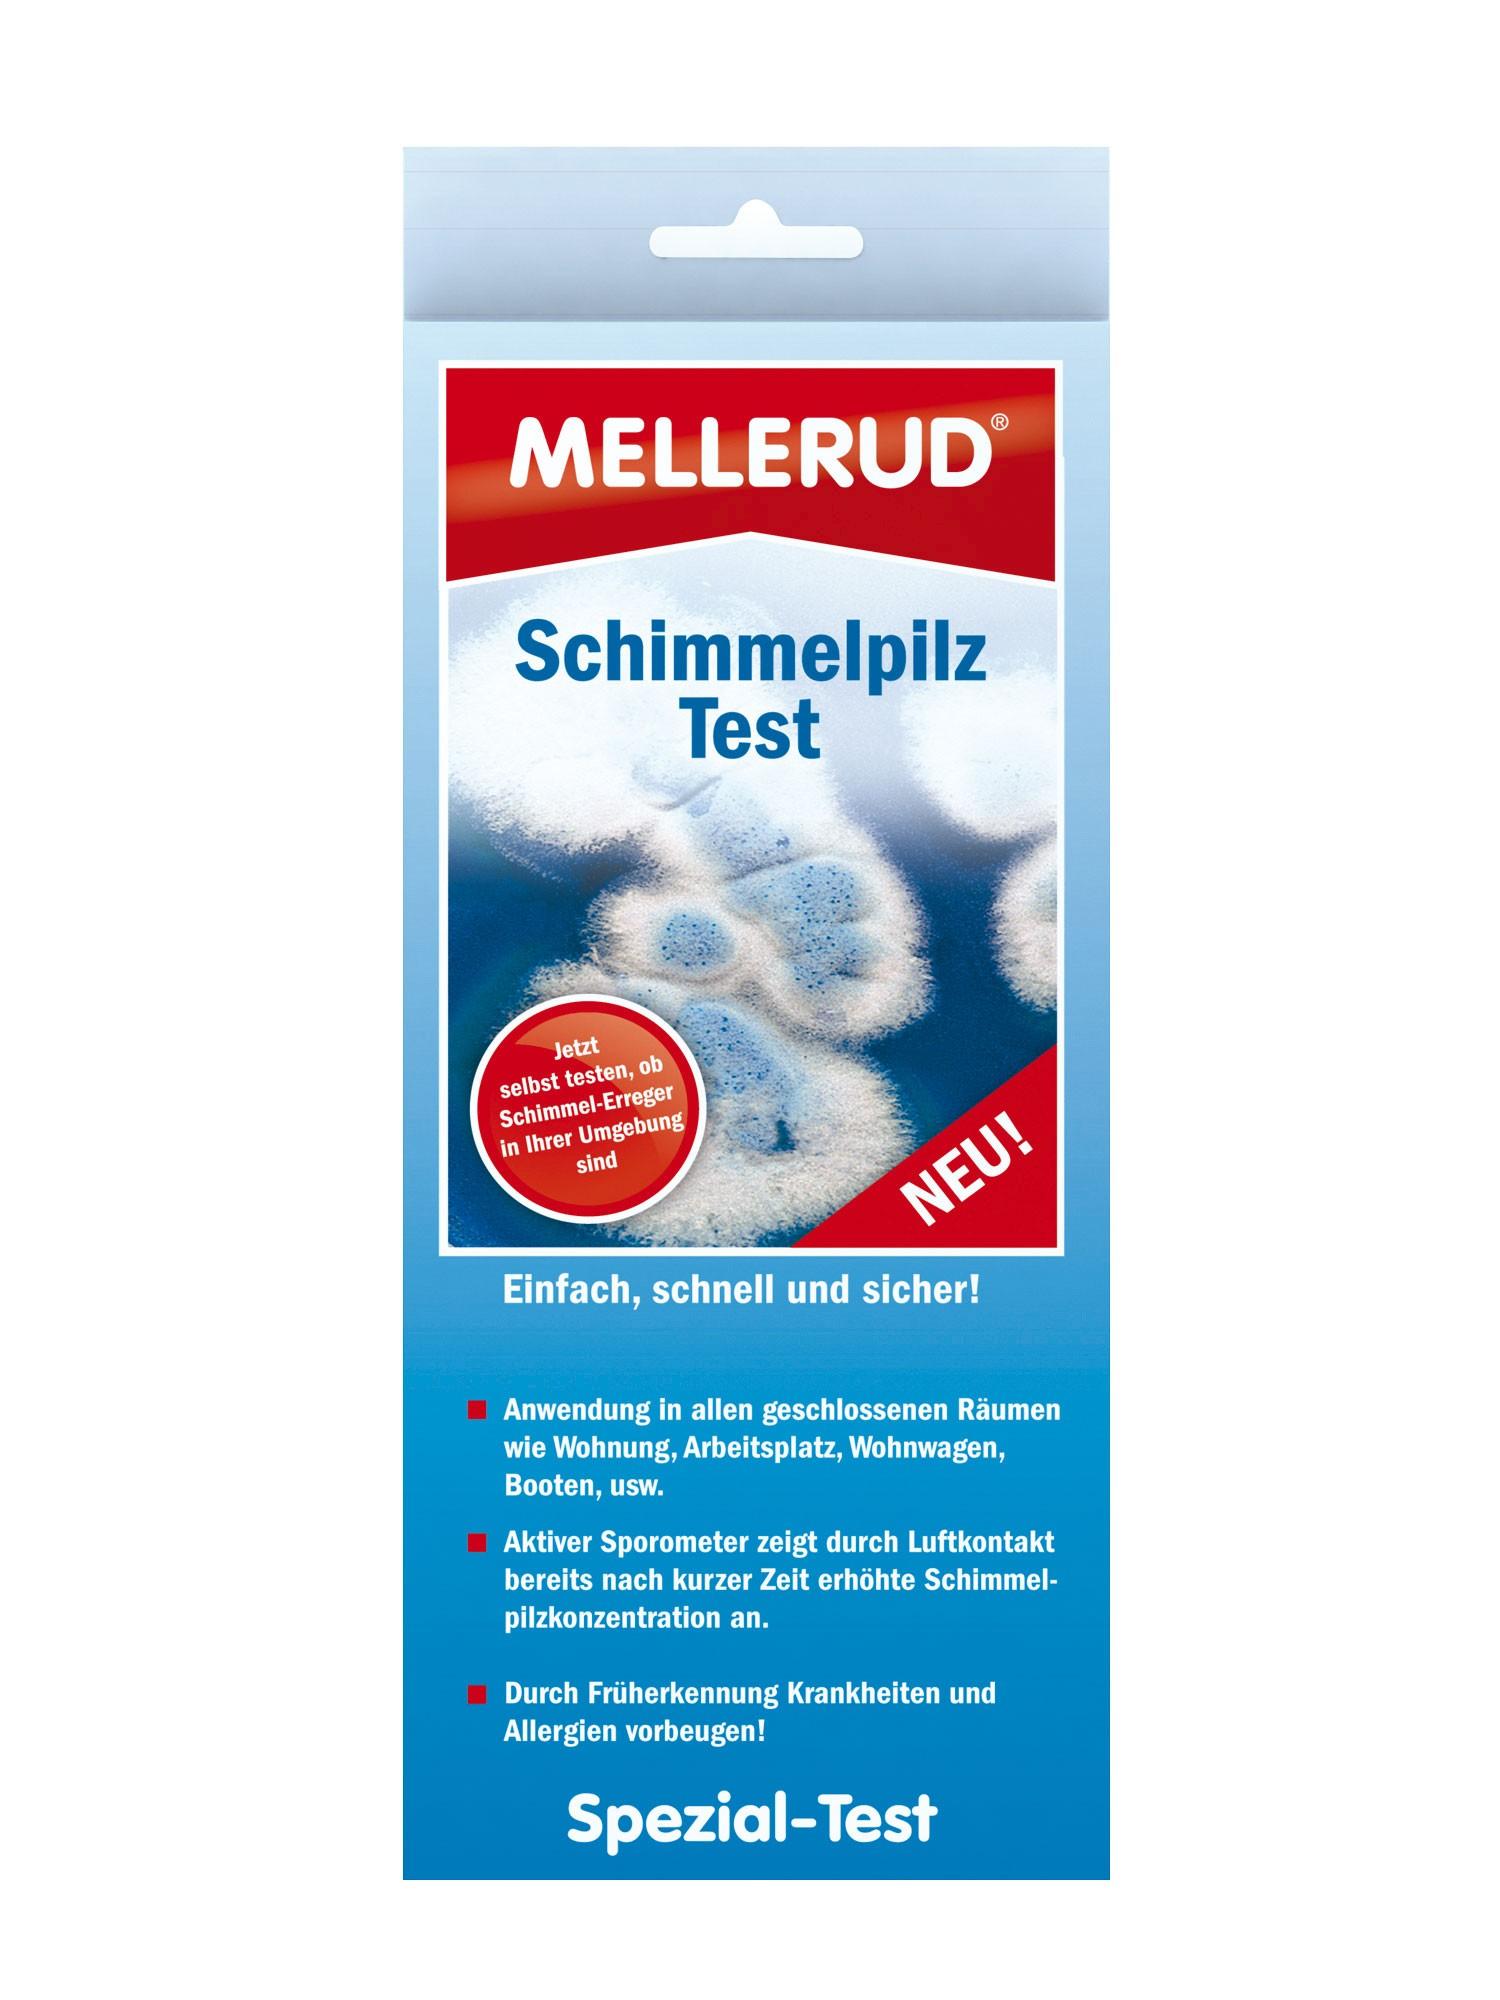 MELLERUD Schimmelpilz Test Bild 1